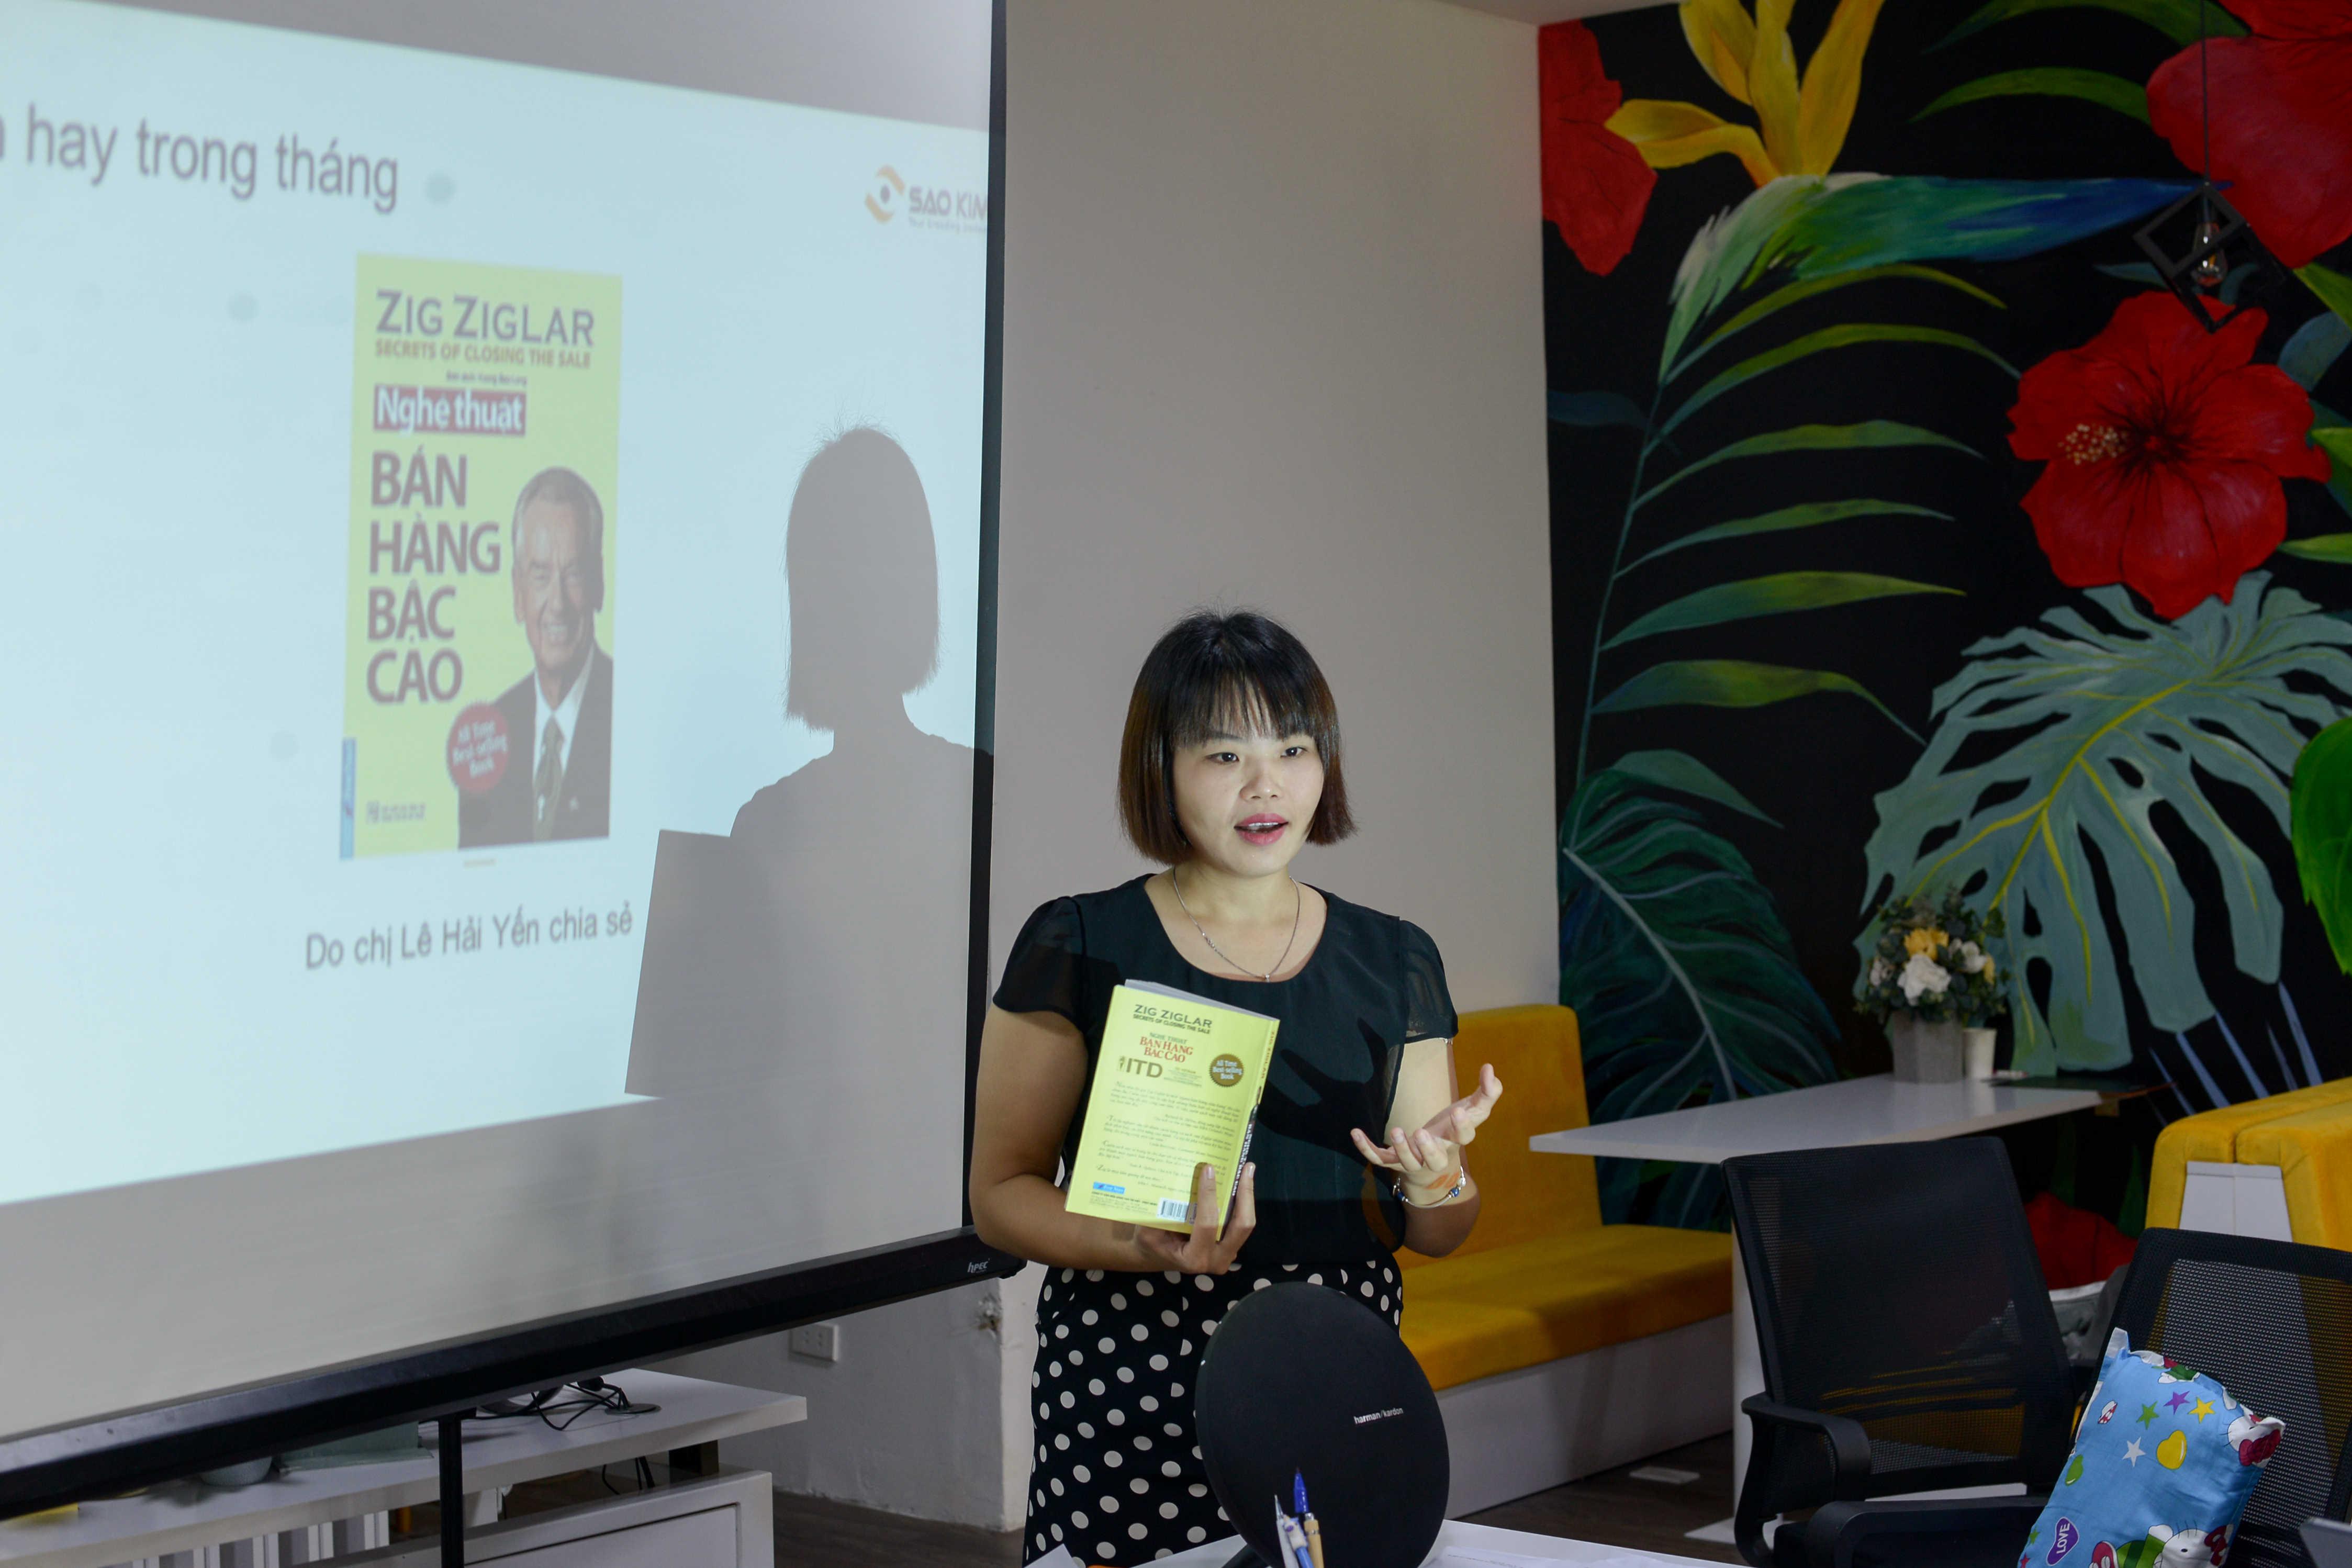 Mô hình cuộc họp bứt phá cảm hứng và đổi mới cá nhân hóa tăng 200% hiệu quả chỉ có tại Sao Kim - ảnh từ SaoKim Branding